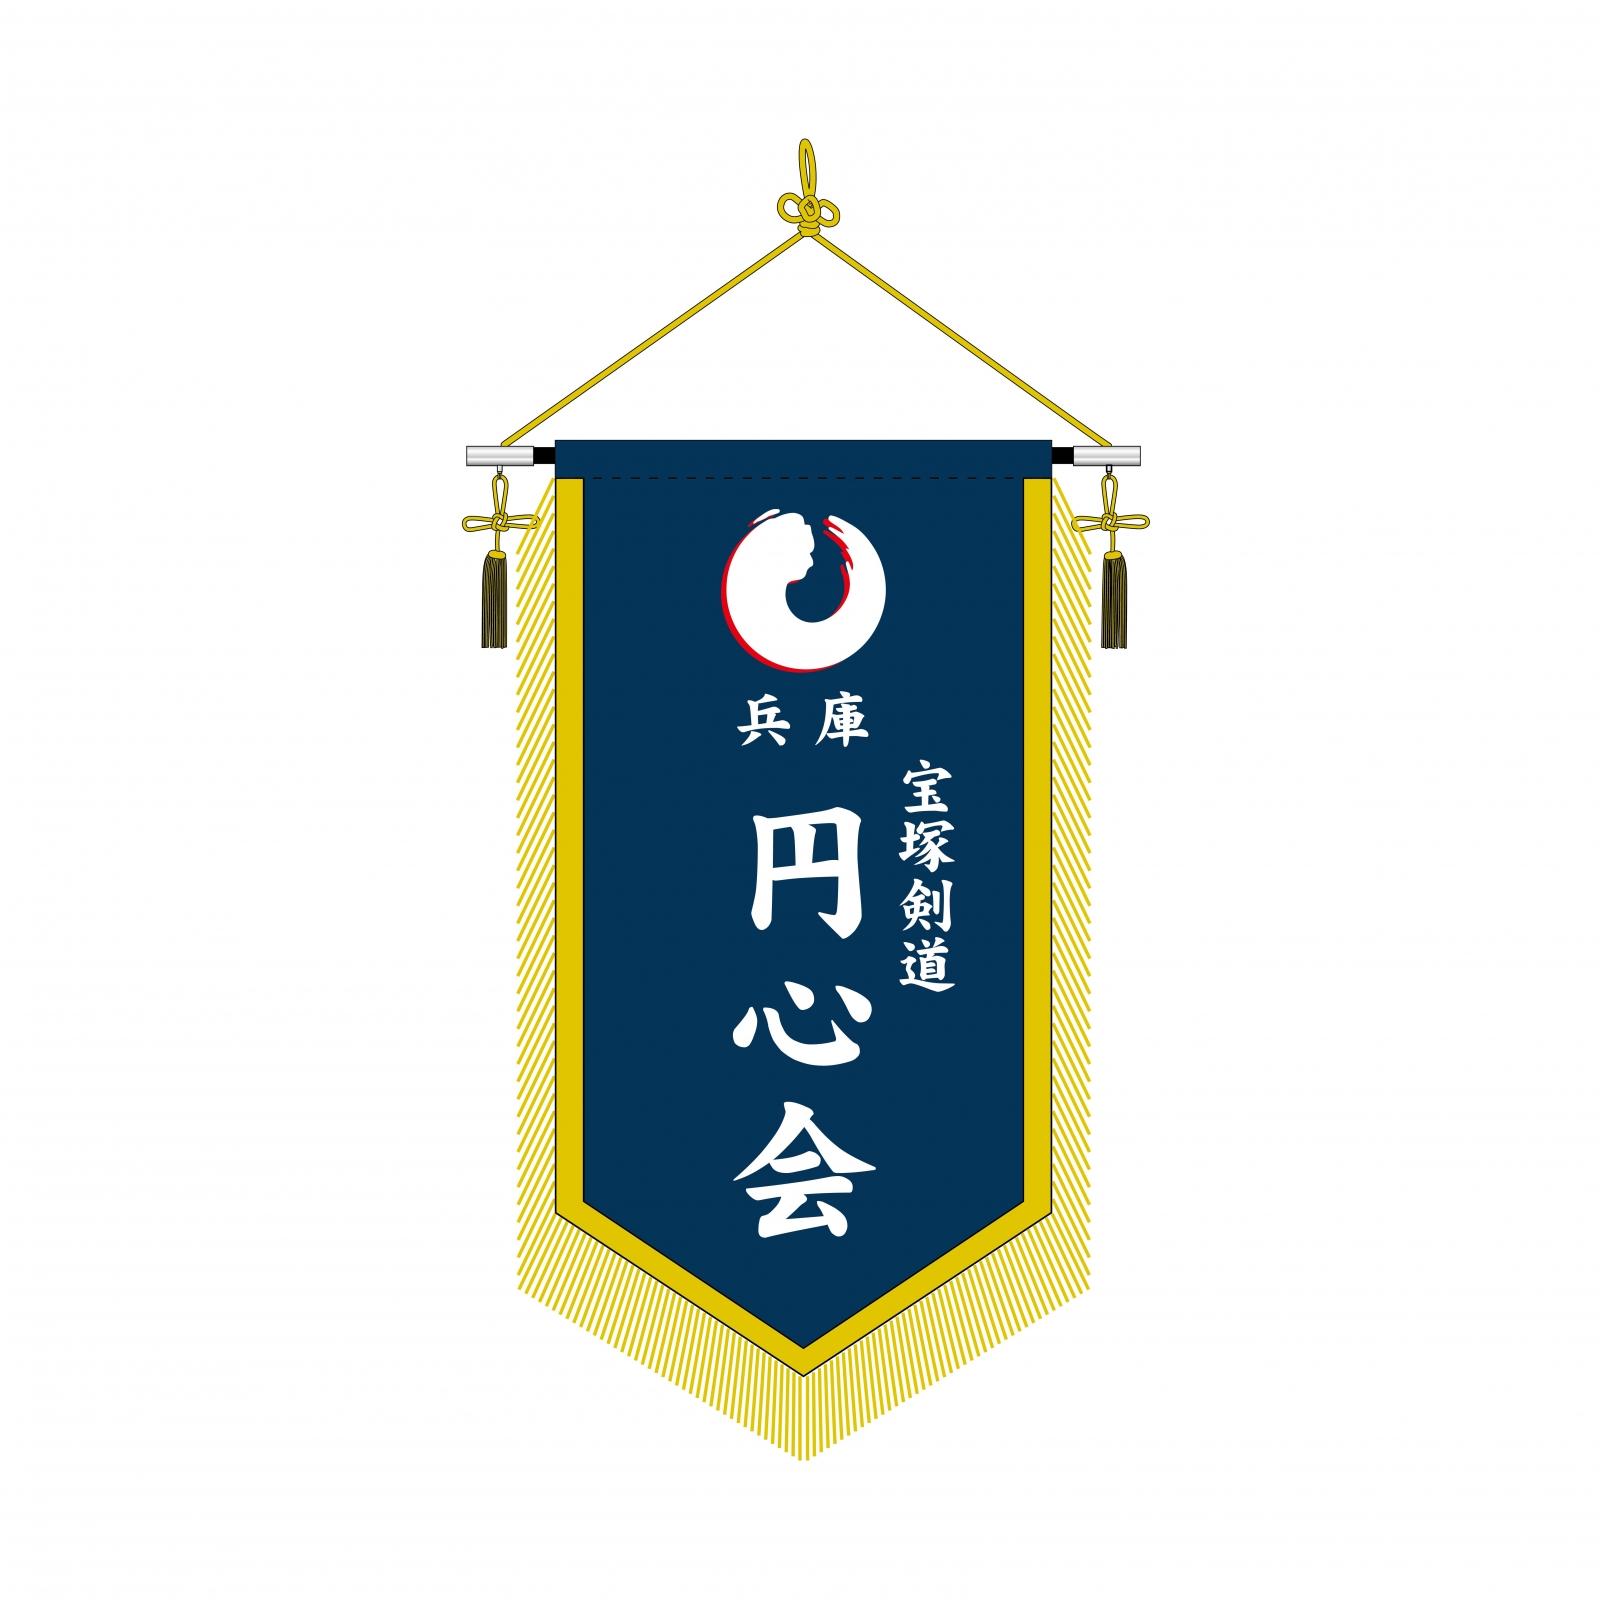 剣道道場の会旗